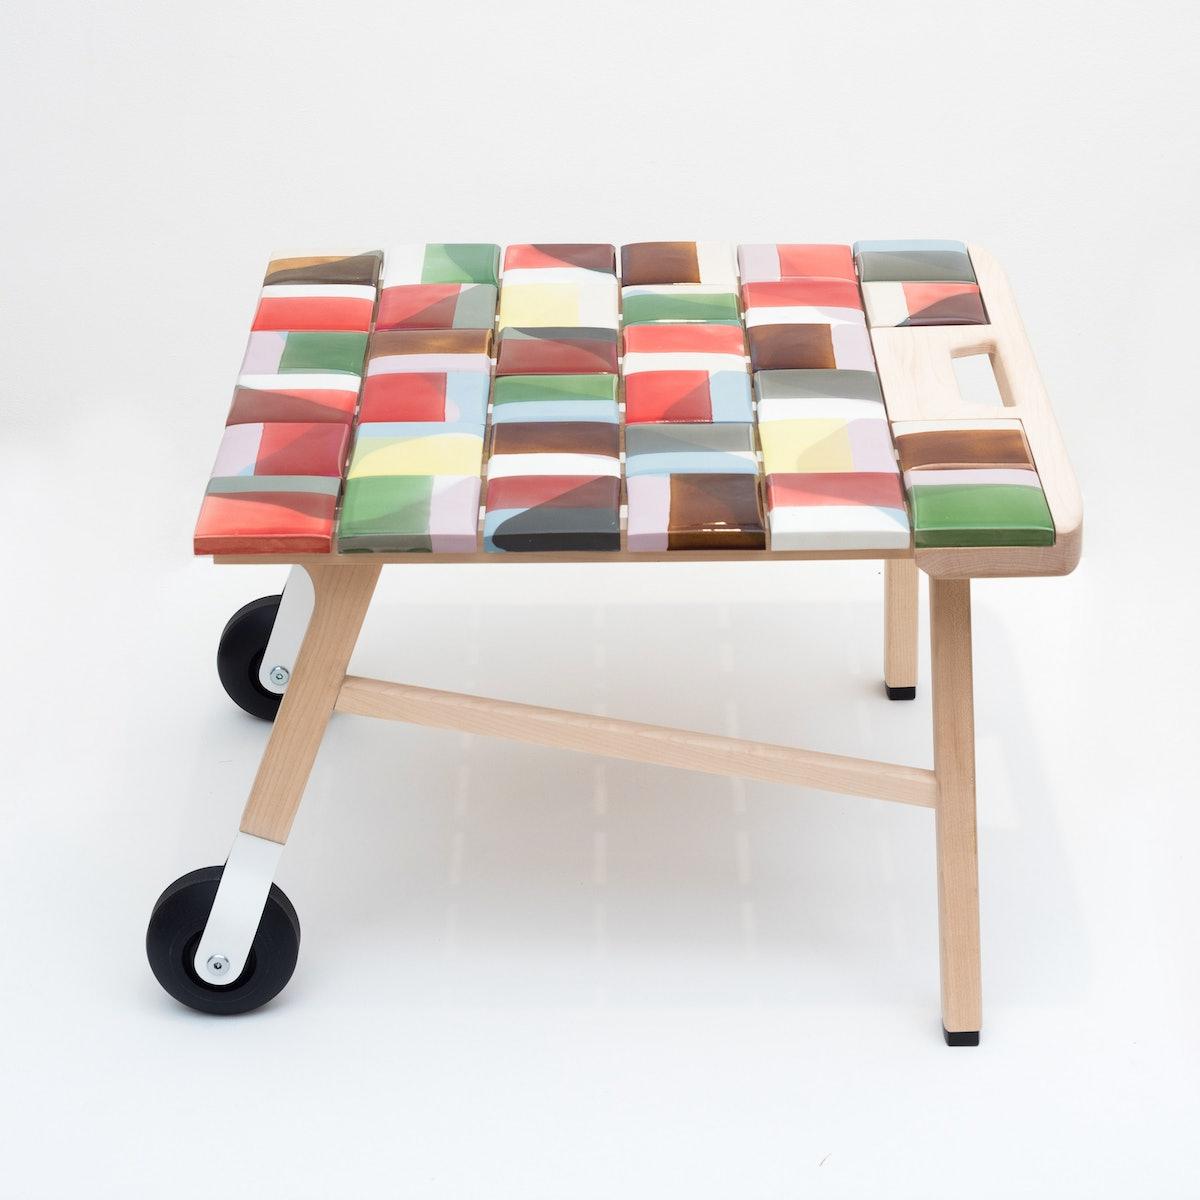 KreoJongerius Tile side table 1 - ©Deniz Guzel_Courtesy Galerie kreo.jpg